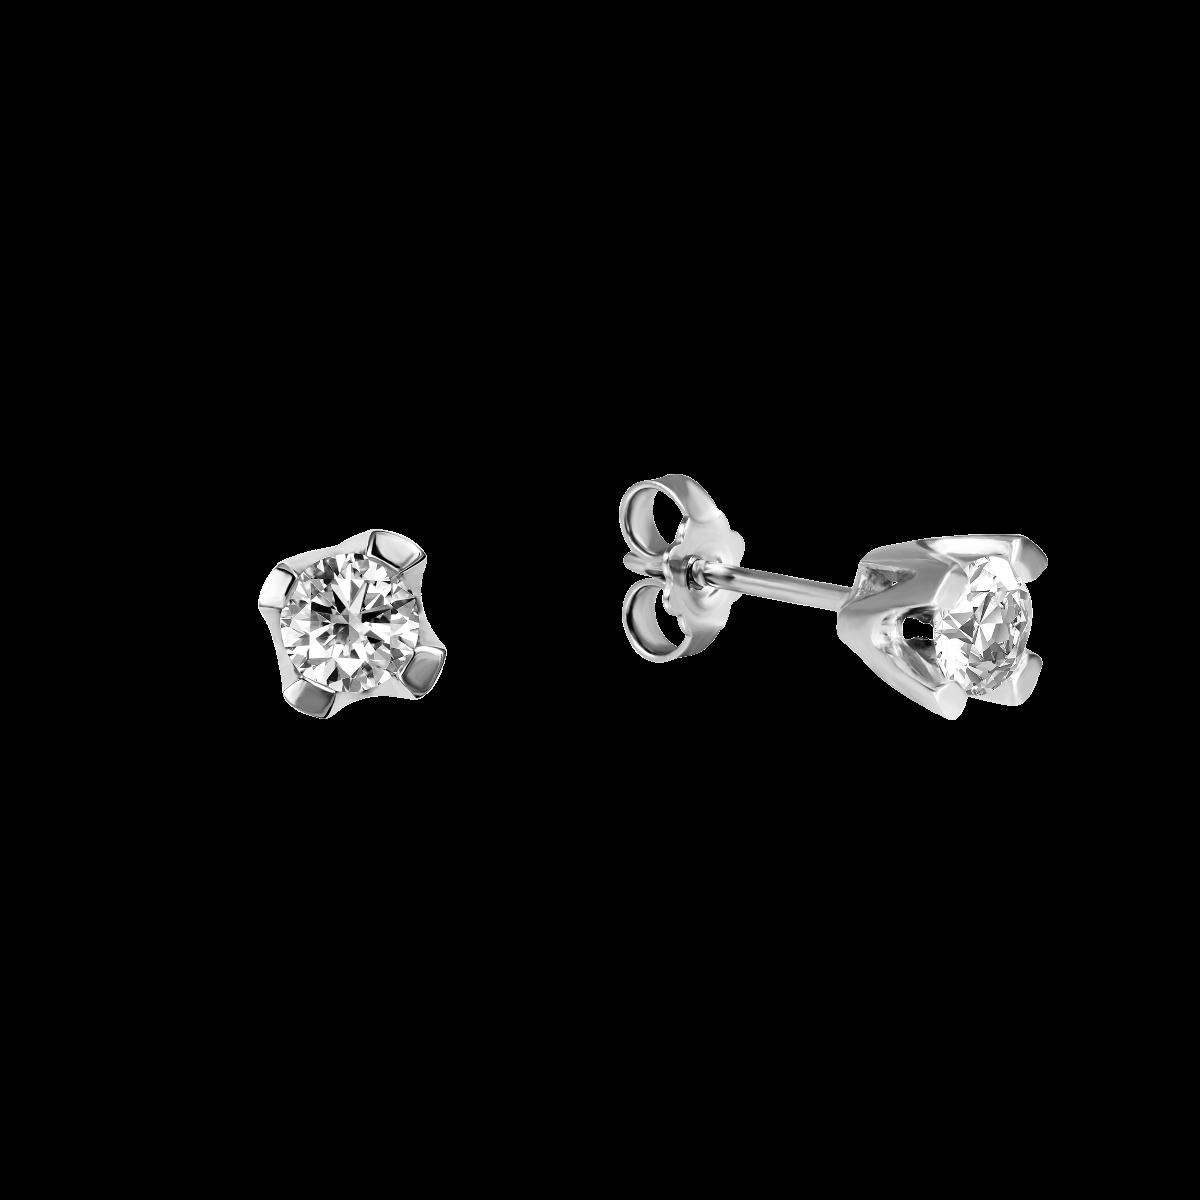 Brincos de diamantes ouro branco